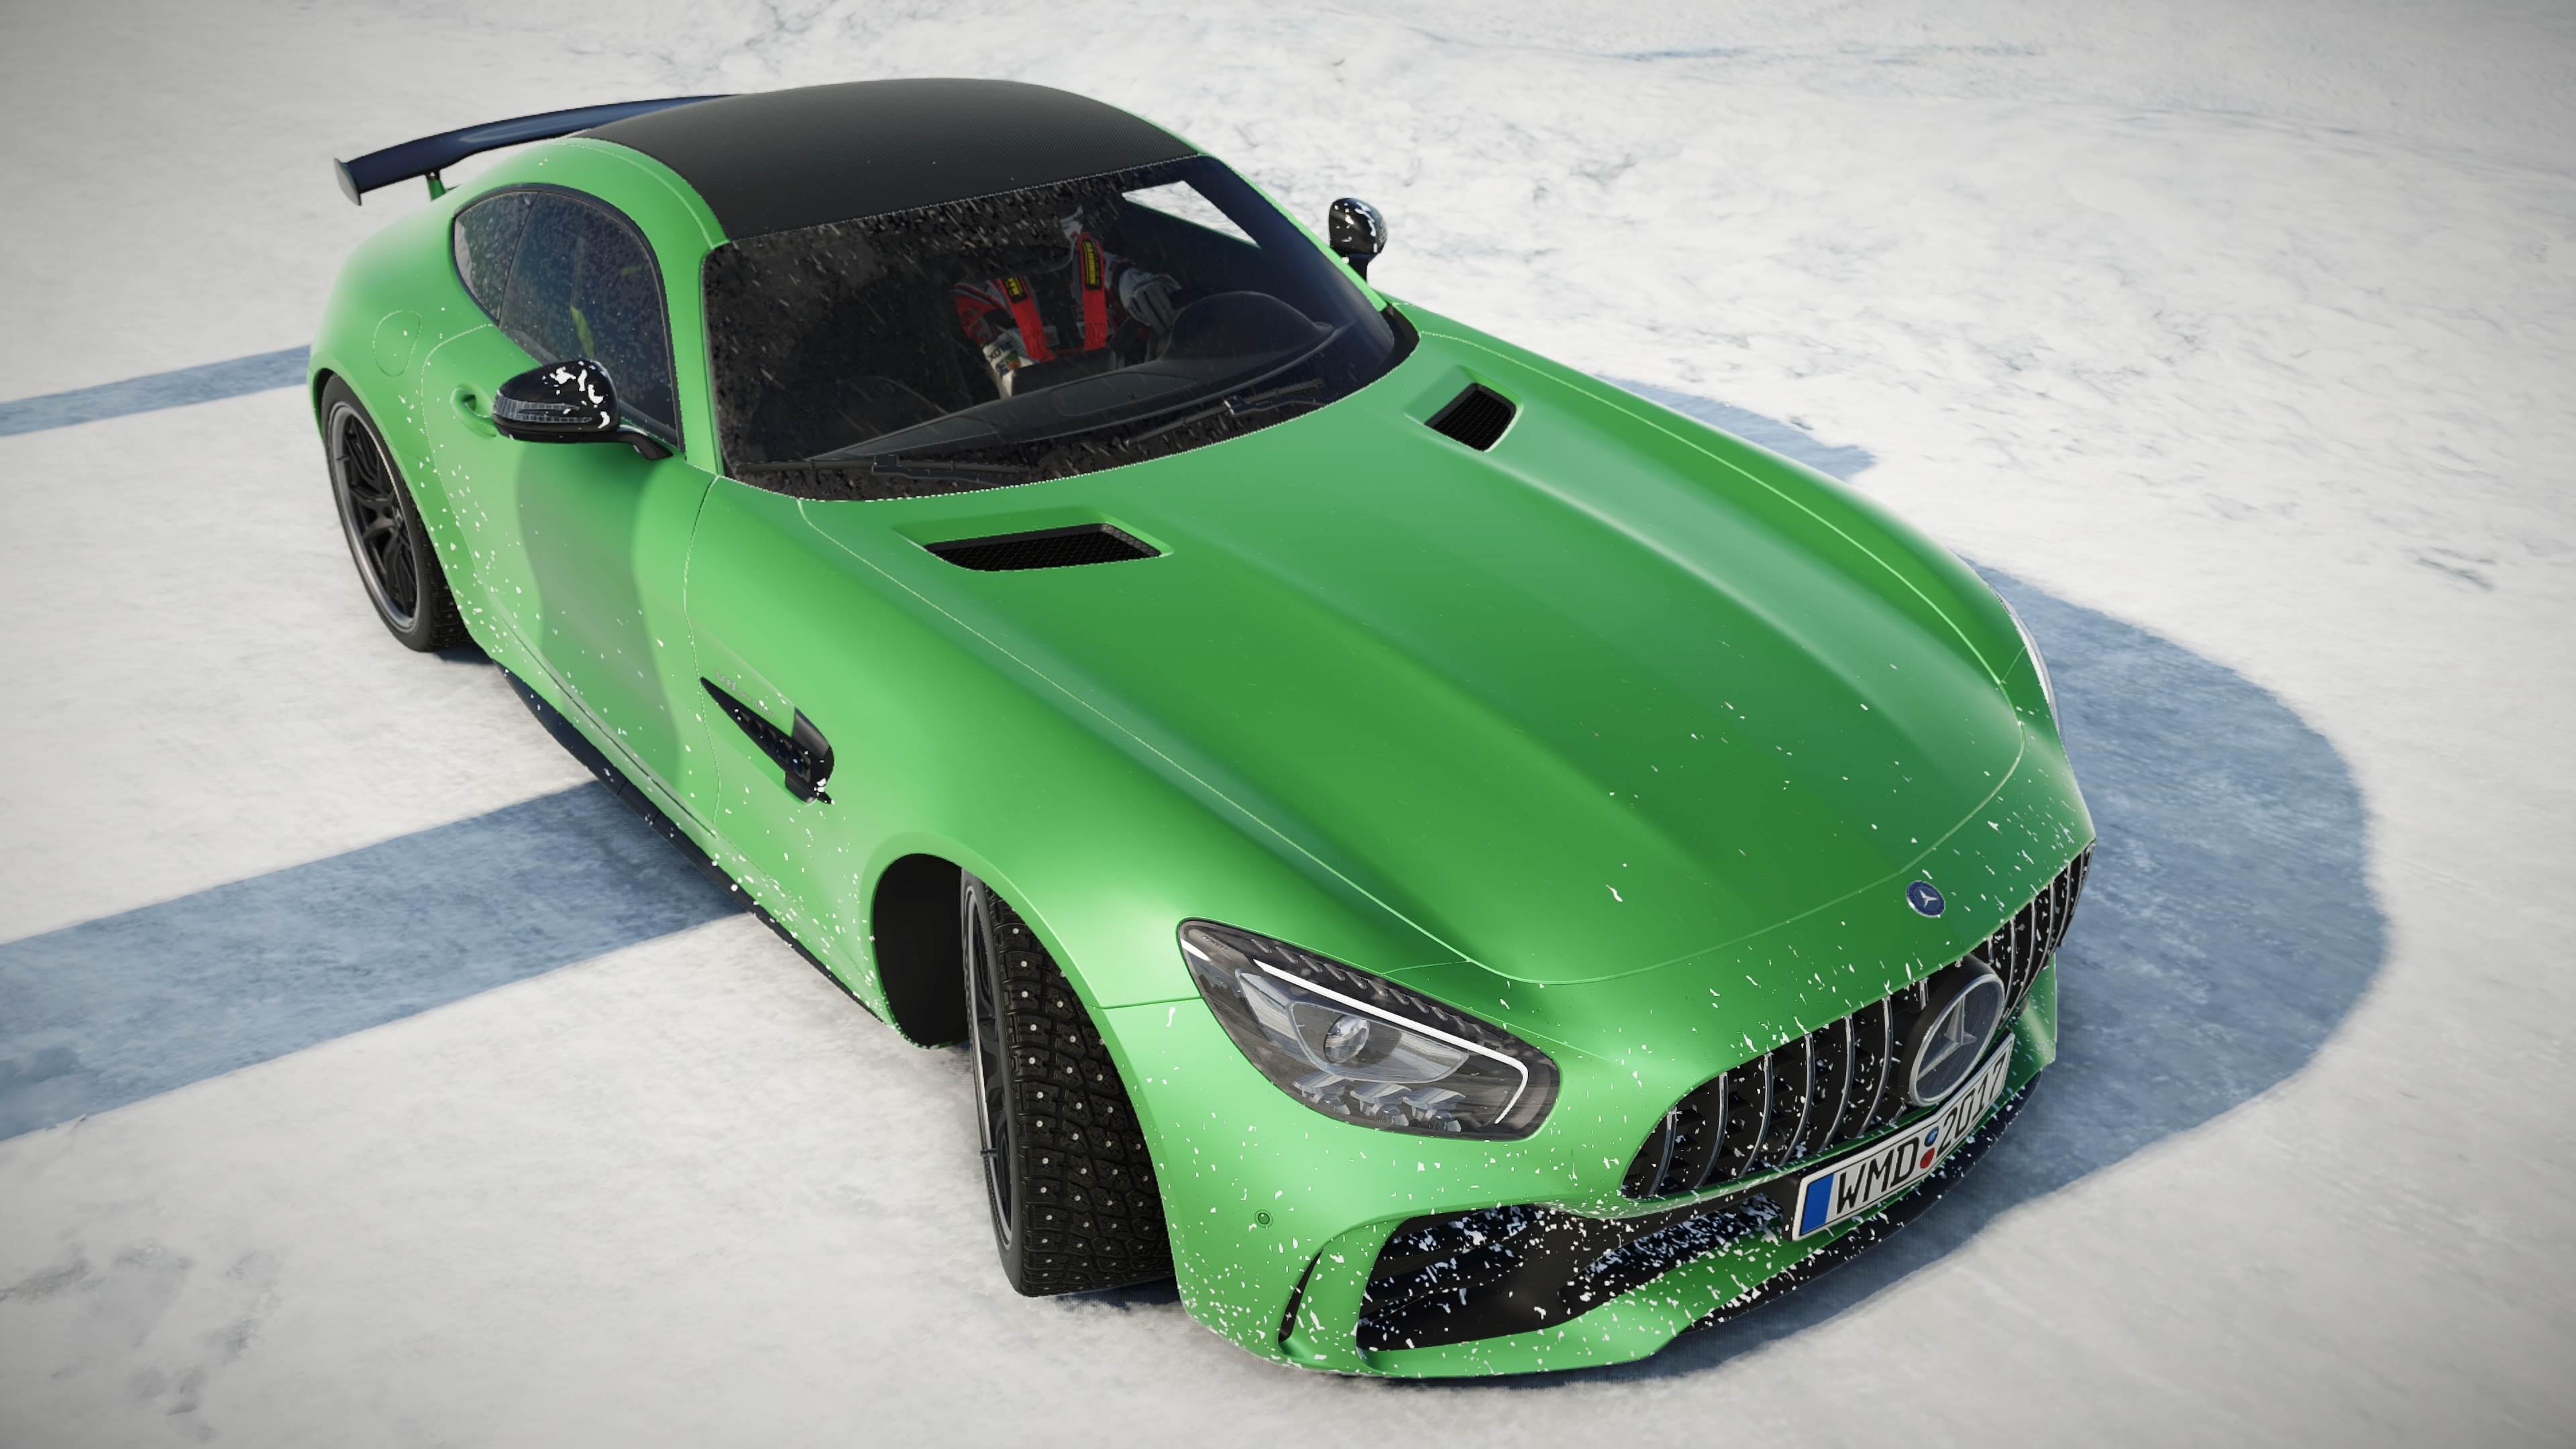 Auto motor und sport testwertungen - Project Cars 2 Bild 3